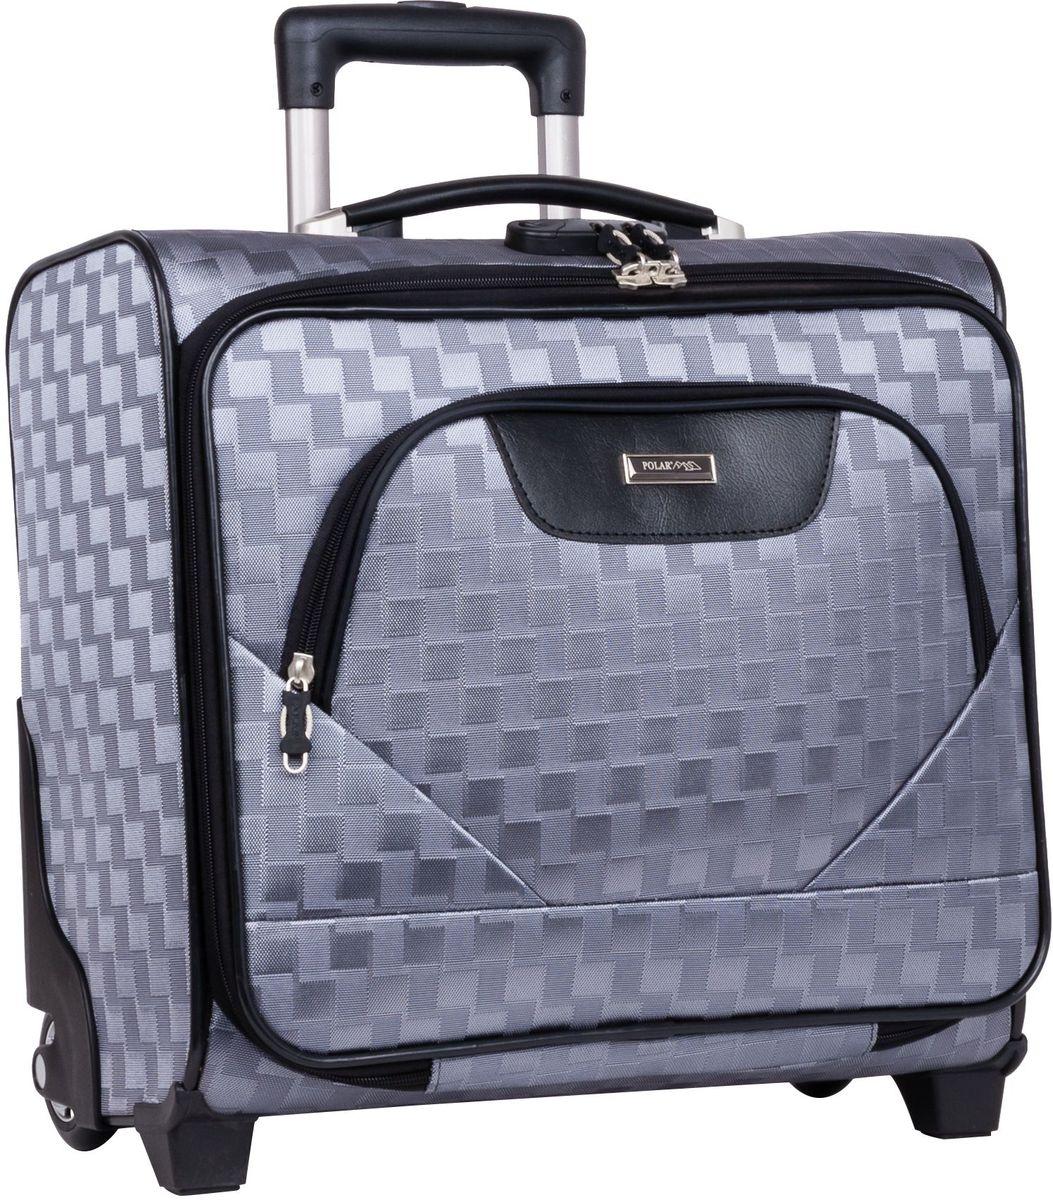 Чемодан-пилот Polar, цвет: серый, 32,5 л, 40 х 43 х 19 см. П7076ГризлиНовый Модный кейс-Пилот на надежных колесах с подшипниками и прочной выдвижной тележкой подойдет как ручная кладь во все Авиакомпании (в том числе Лоукостеры) и поездку в командировку. Наши чемоданы отлично подходят для перевозки хрупких вещей. Пластик отлично защищает внутреннее содержание от любых внешних воздействий. Выдвижная металлическая ручка, выдвигается на 62 см. Внутренняя тележка. Внутри: фиксаторы зажимы для Ваших вещей. Также предусмотрен кодовый замок. Эта универсальная модель идеально подойдет для краткосрочных командировок и позволит вам взять с собой, помимо ноутбука, еще и все самые необходимые для Вас вещи